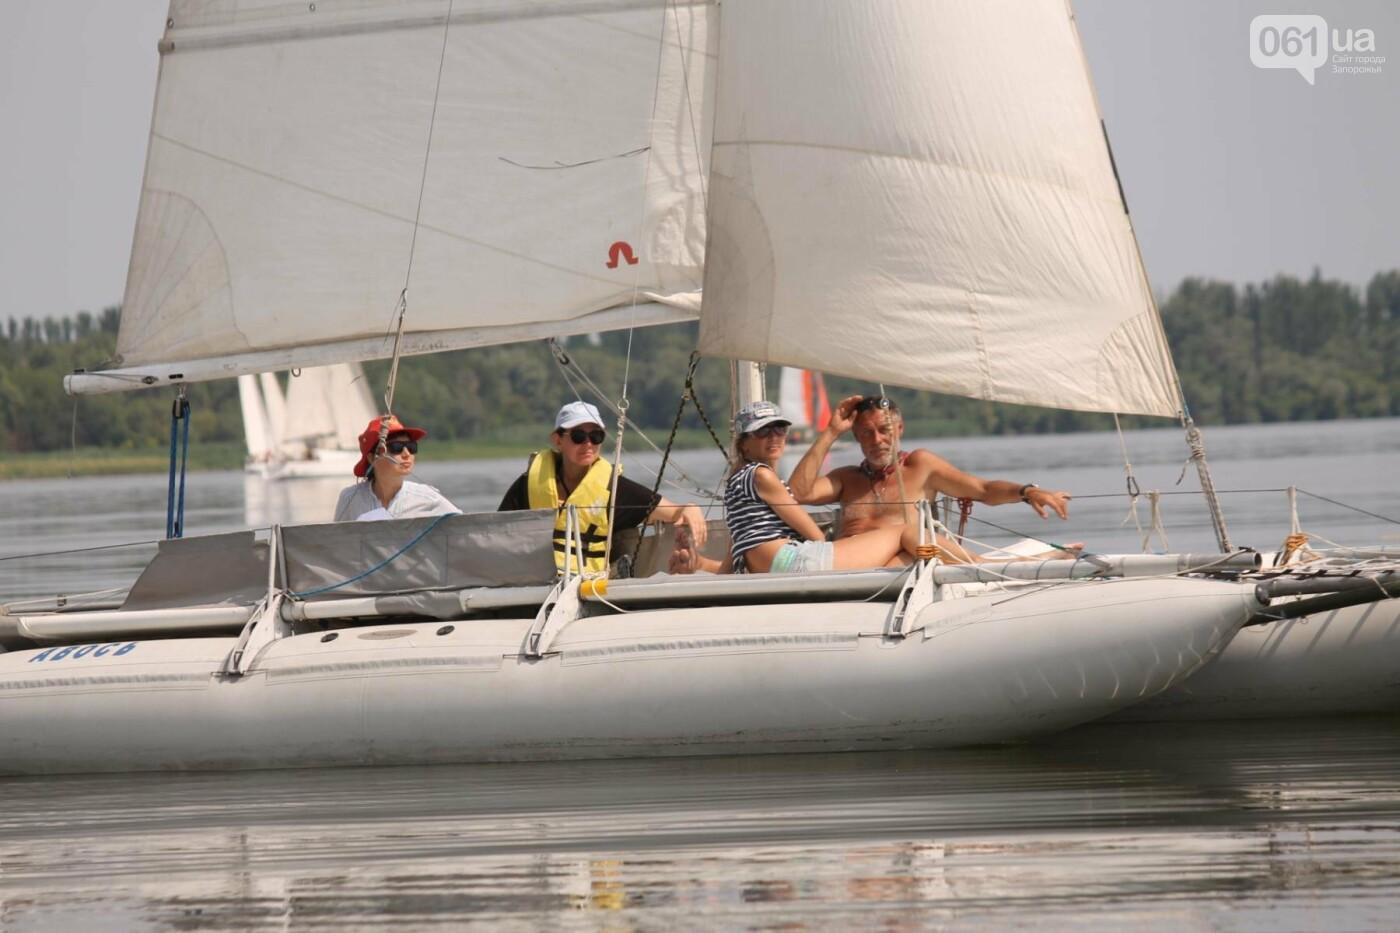 Сотни спортсменов и десятки яхт: как в Запорожье проходит парусная регата, – ФОТОРЕПОРТАЖ, фото-39